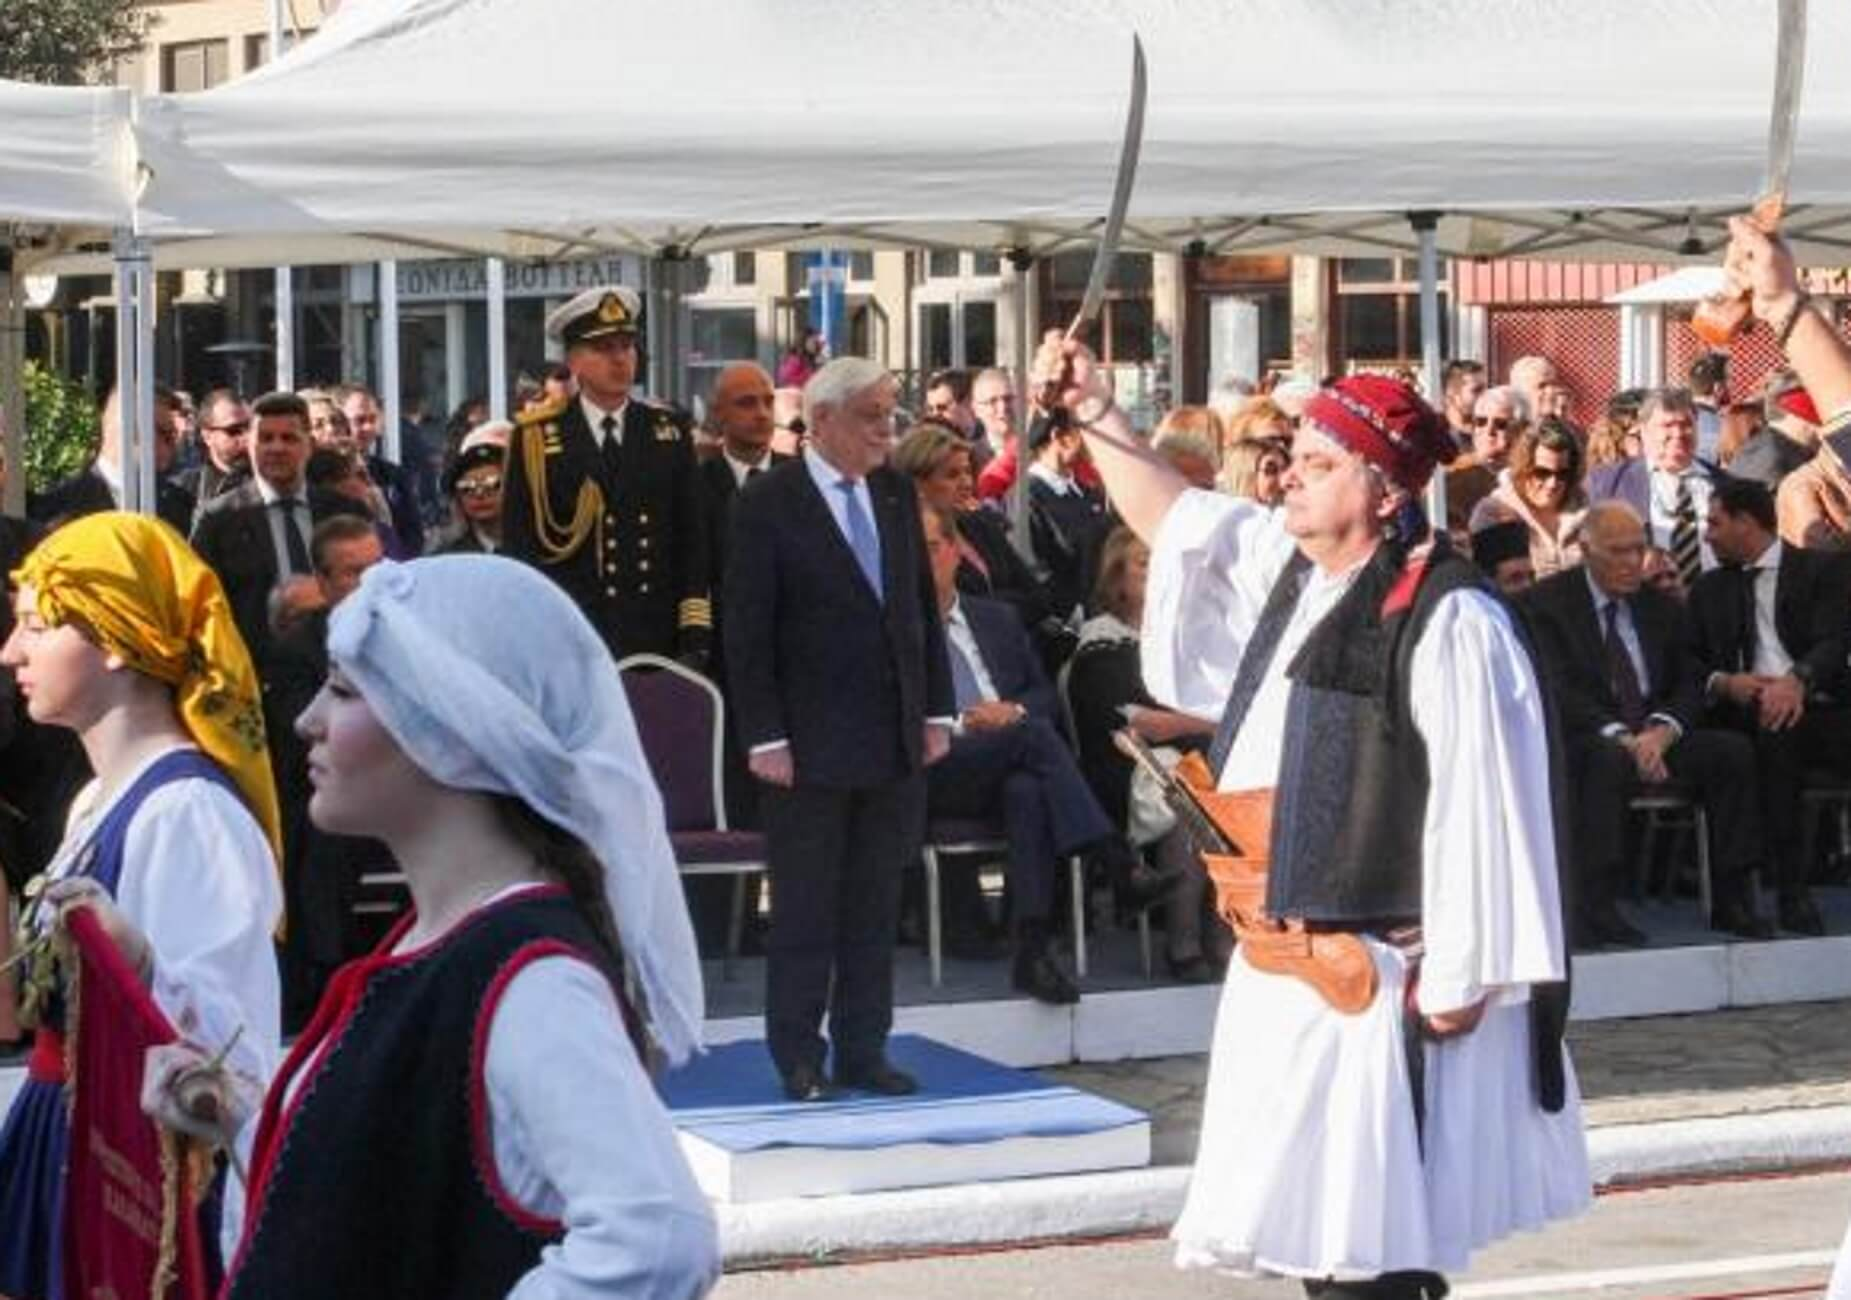 """Καλαμάτα: Εντολή Παυλόπουλου για το """"Μακεδονία ξακουστή"""" – Οι εικόνες και οι αντιδράσεις του κόσμου – video"""